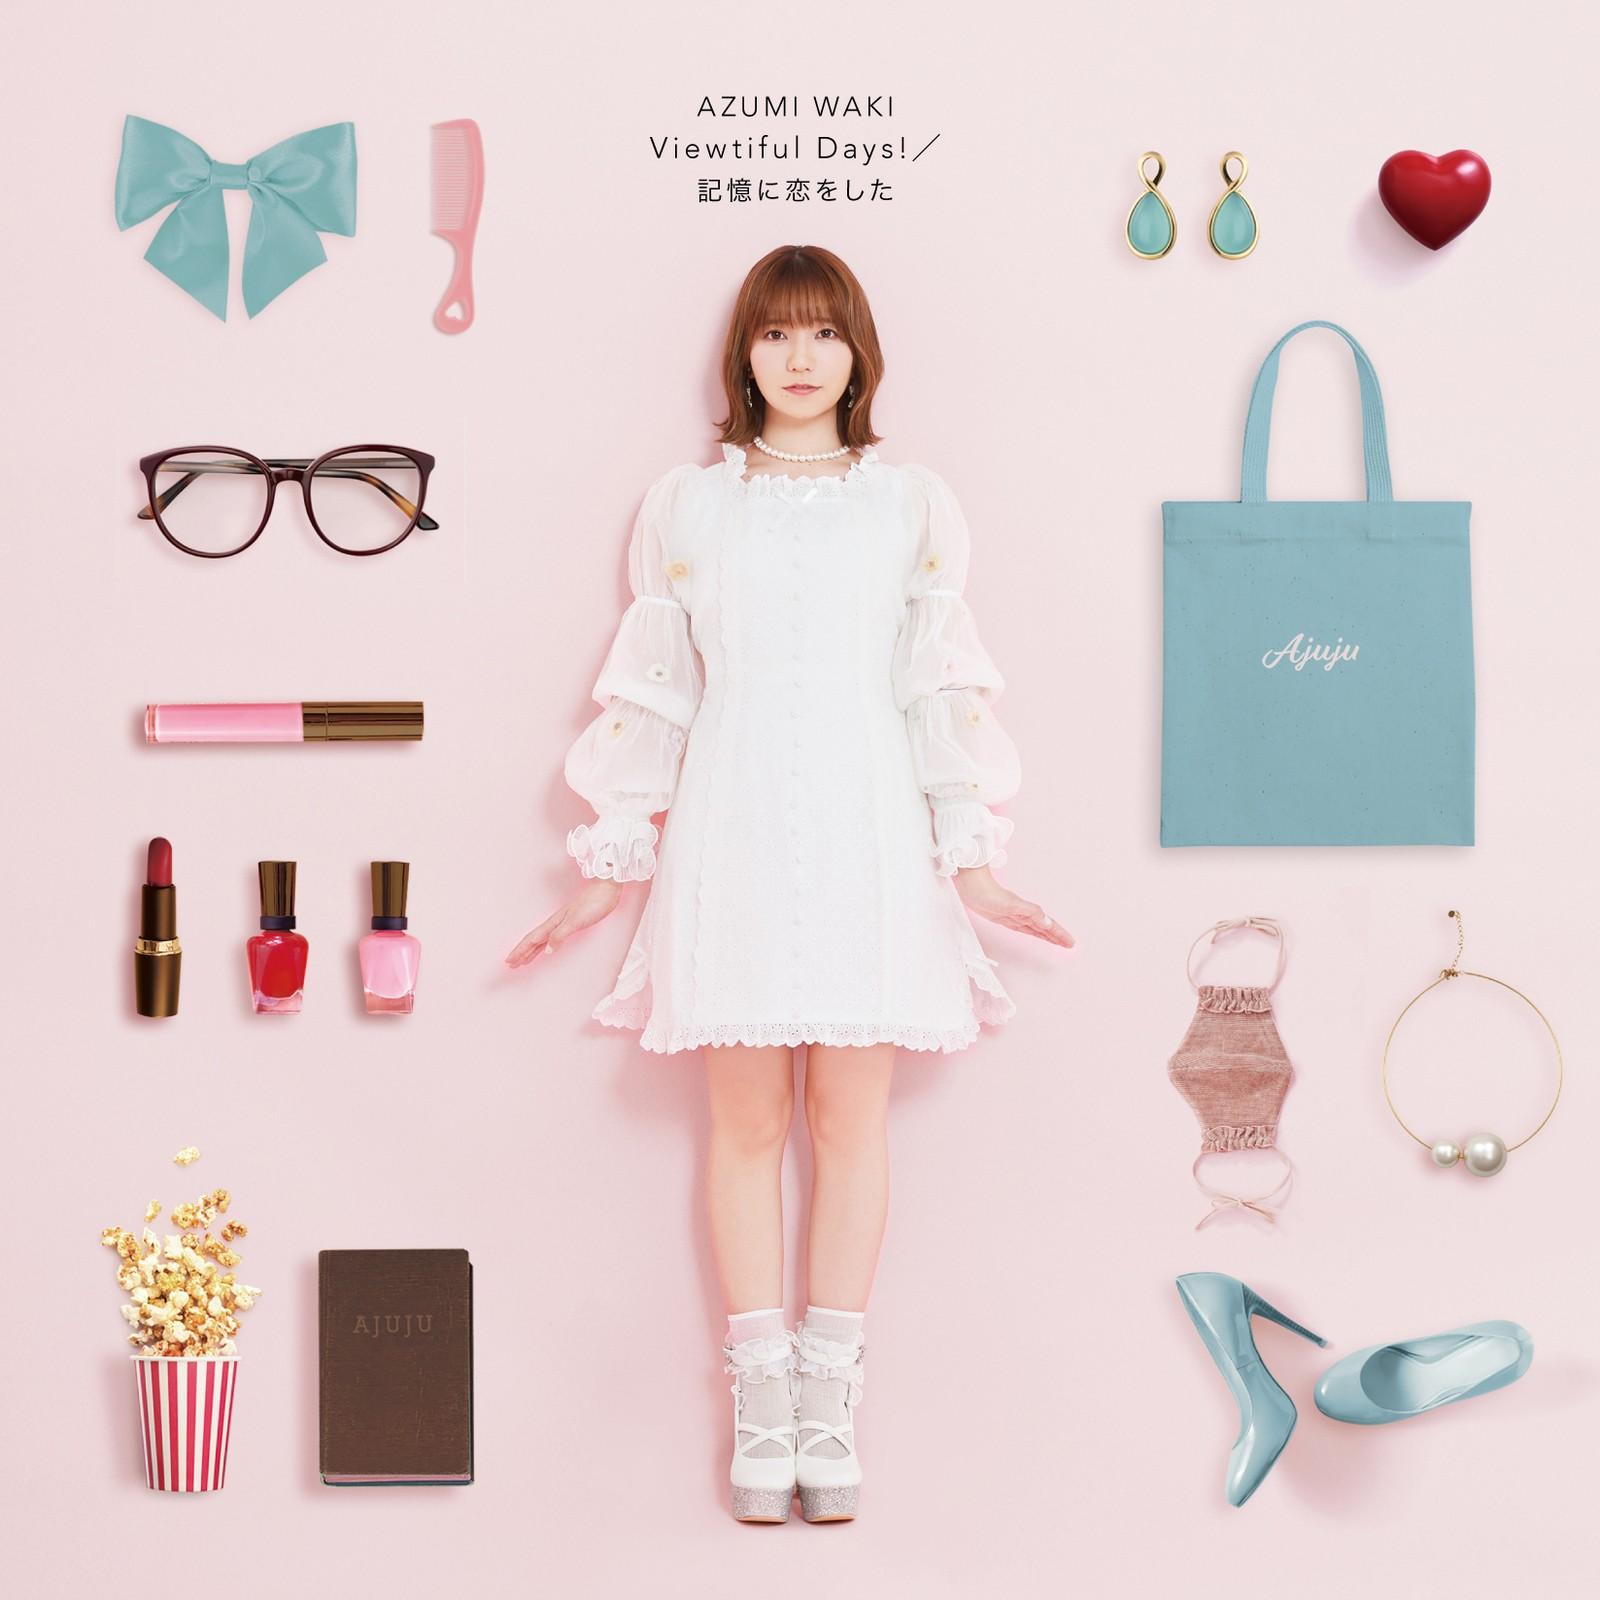 Azumi Waki - Viewtiful Days!/Kioku ni Koi wo Shita